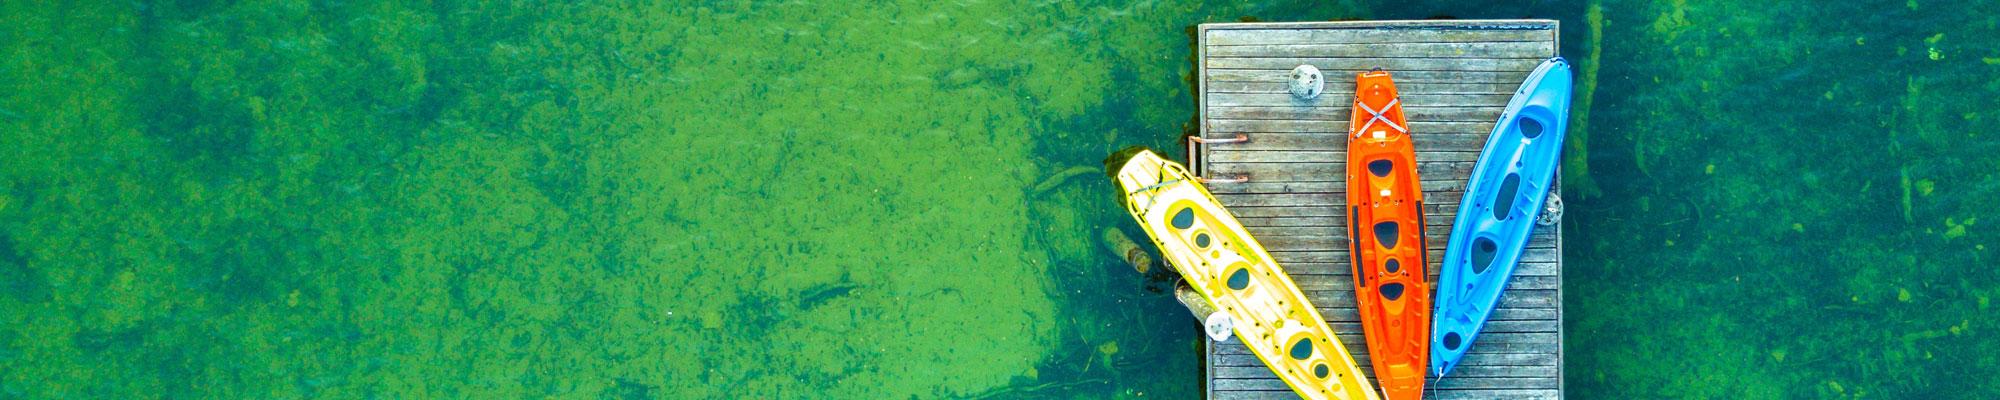 Photograph of Kayaks Waiting on Dock